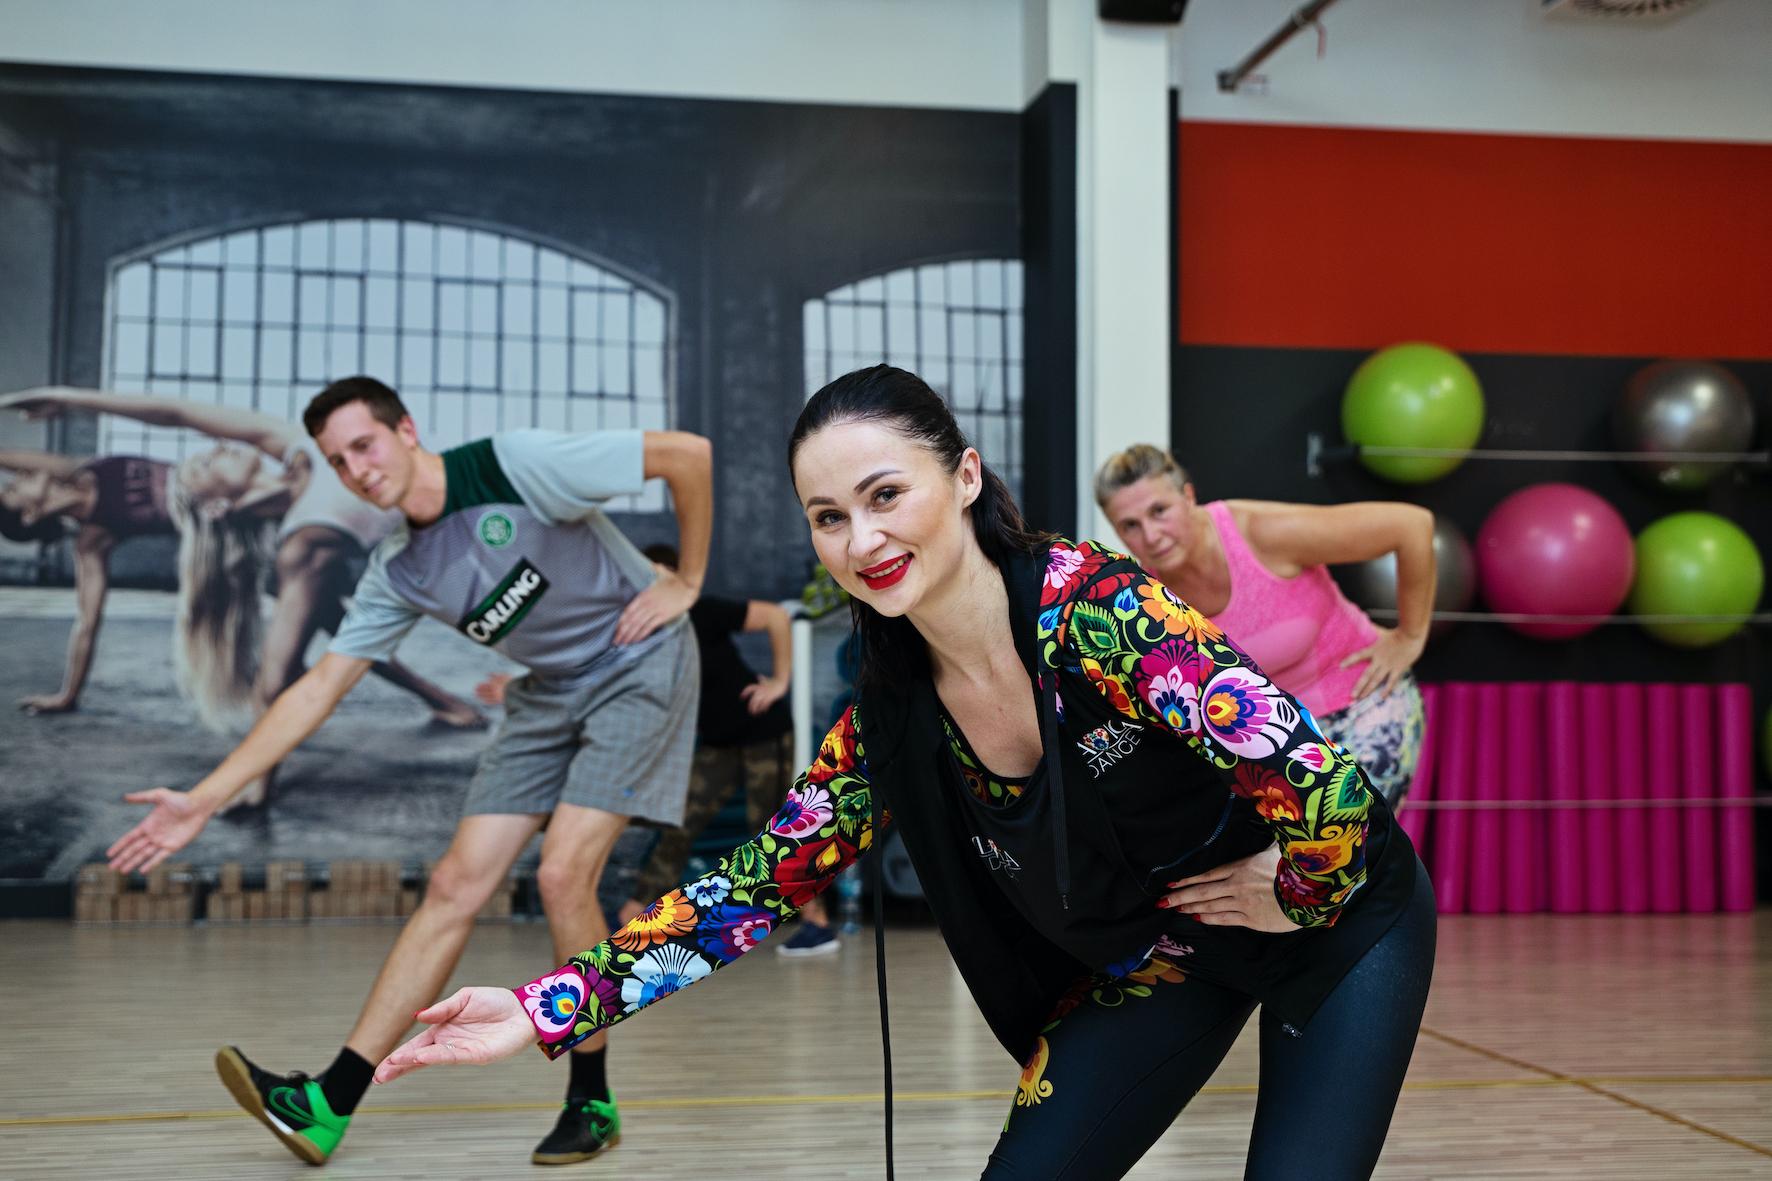 BlogStar: Justyna Bolek - Czy można uzależnić się od fitnessu? - BlogStar.pl